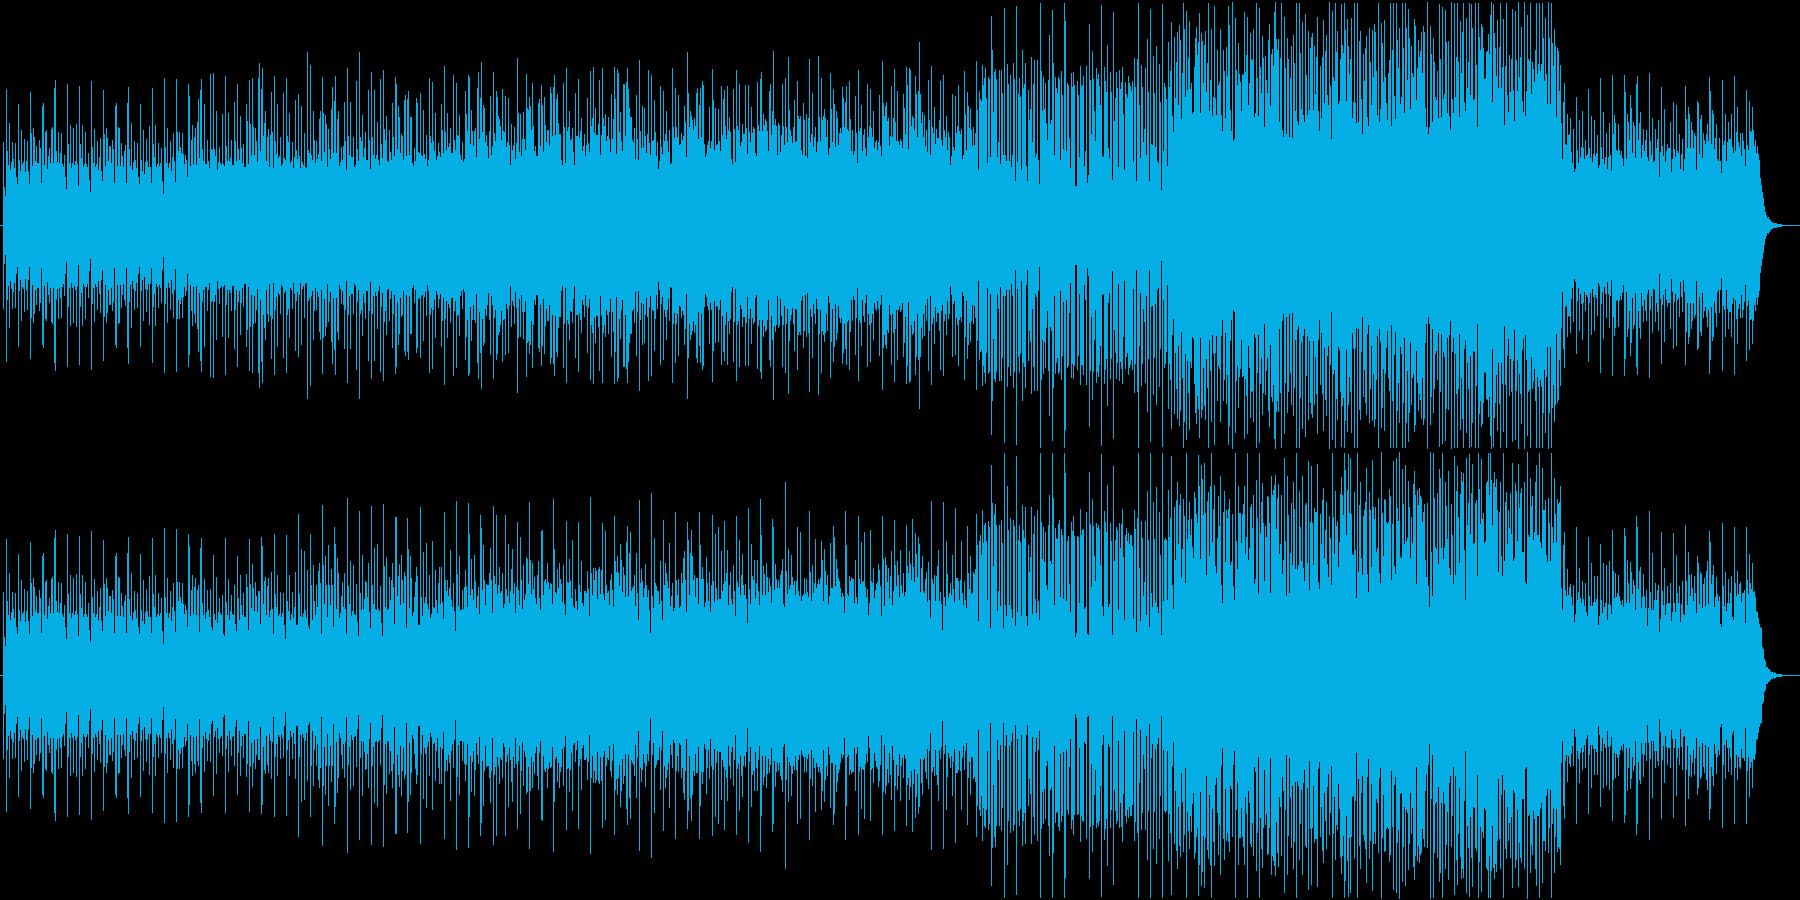 春をイメージしたエレクトロインストの再生済みの波形